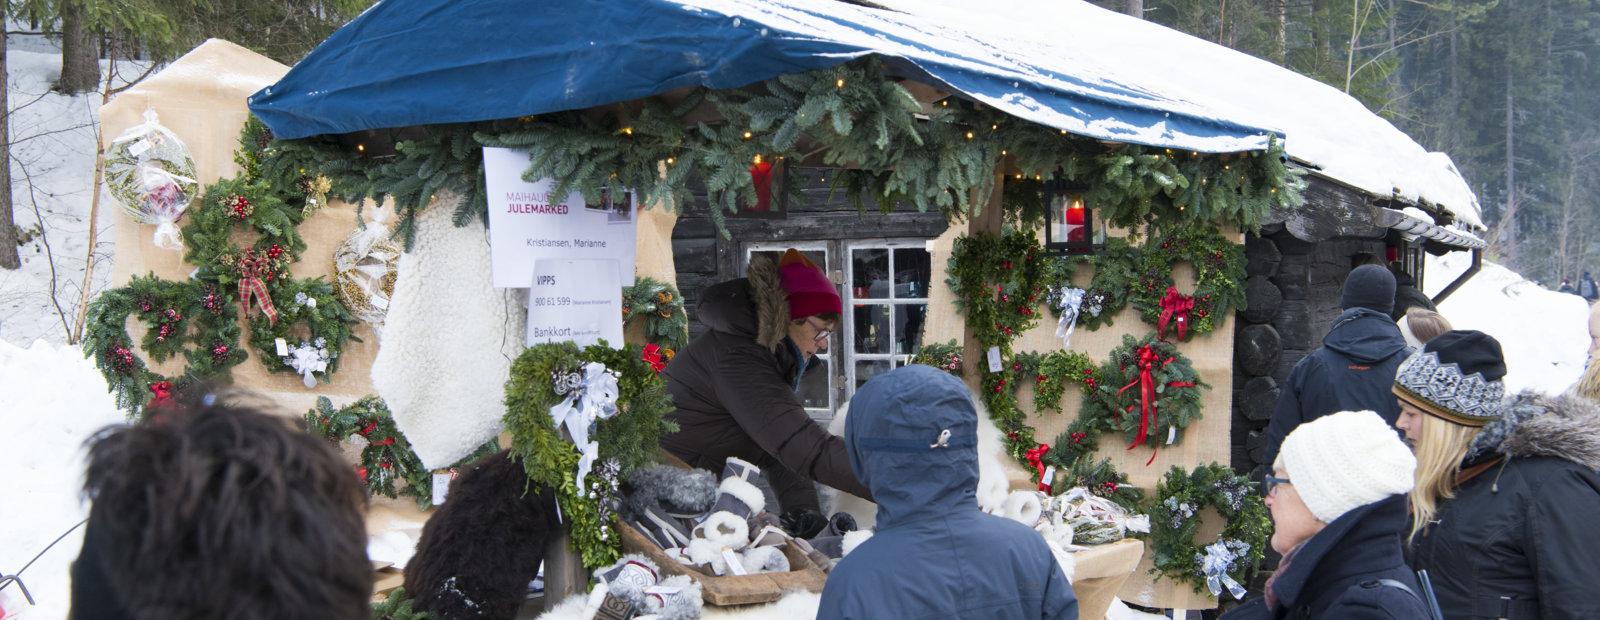 Salgsbod på Maihaugens julemarked på Lillehammer